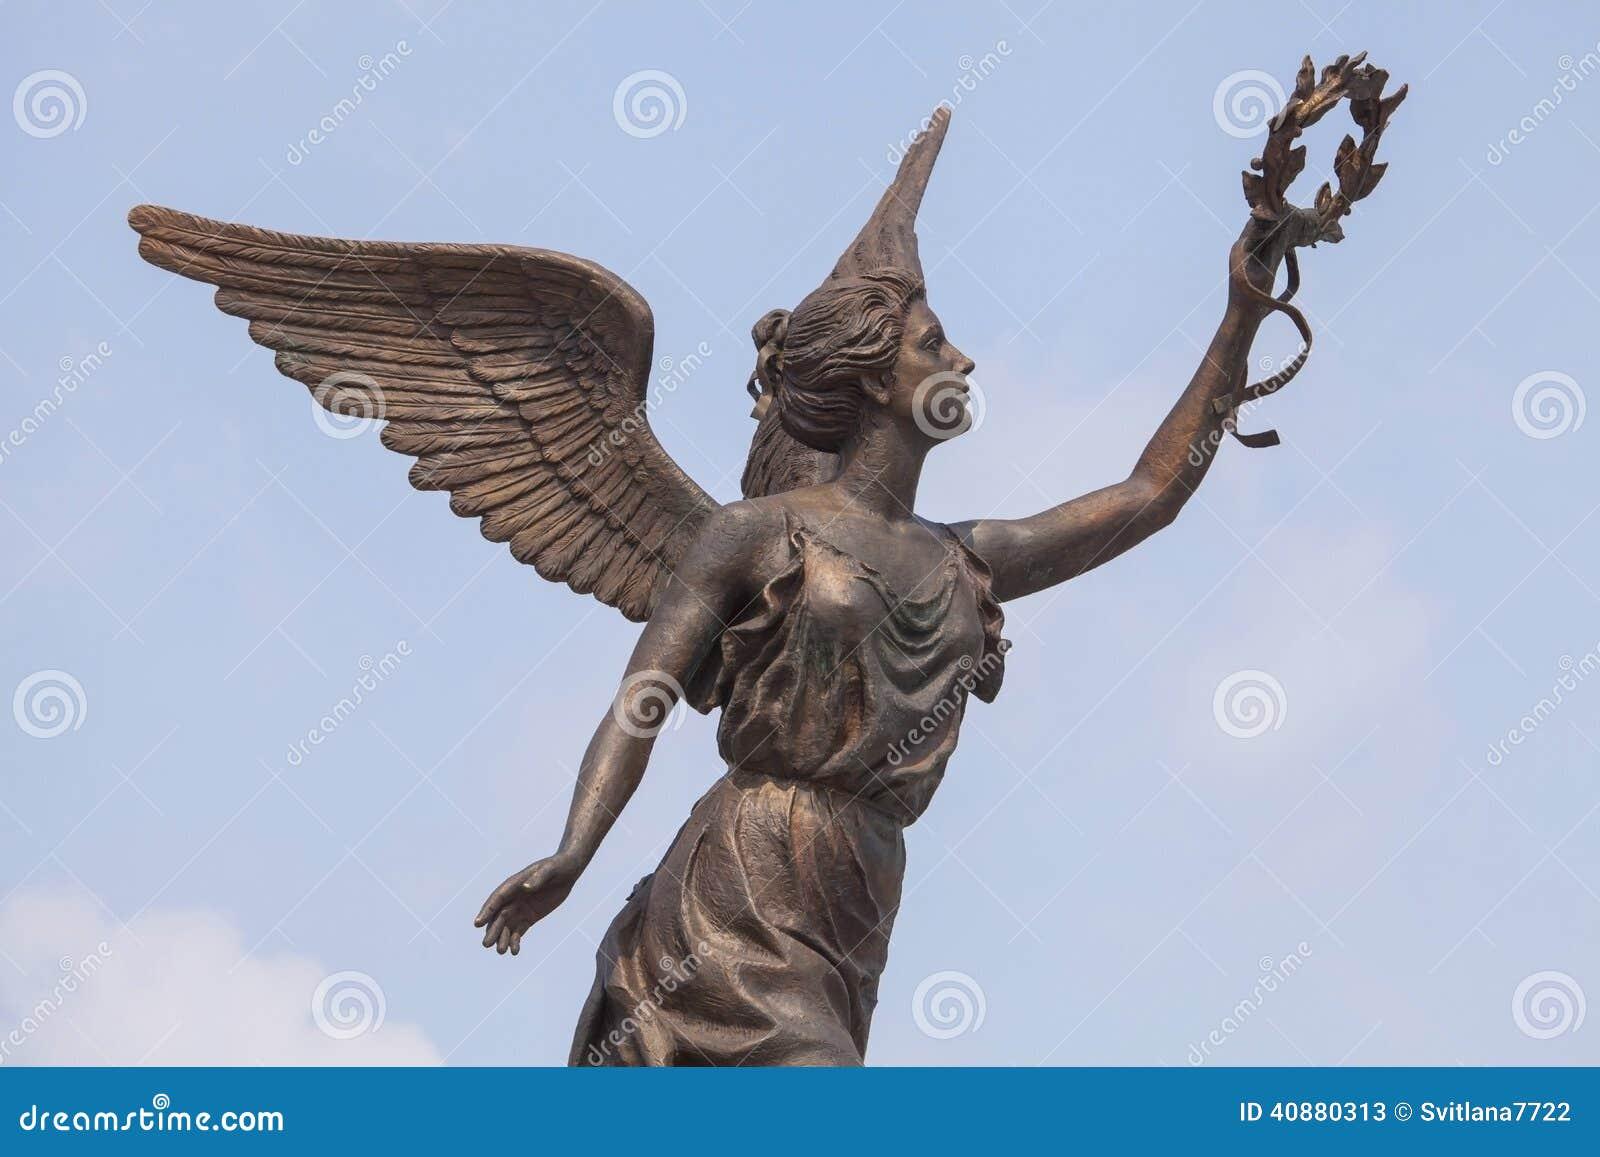 half off 2c1cc 4679a Parte del monumento a la diosa de la victoria Nike